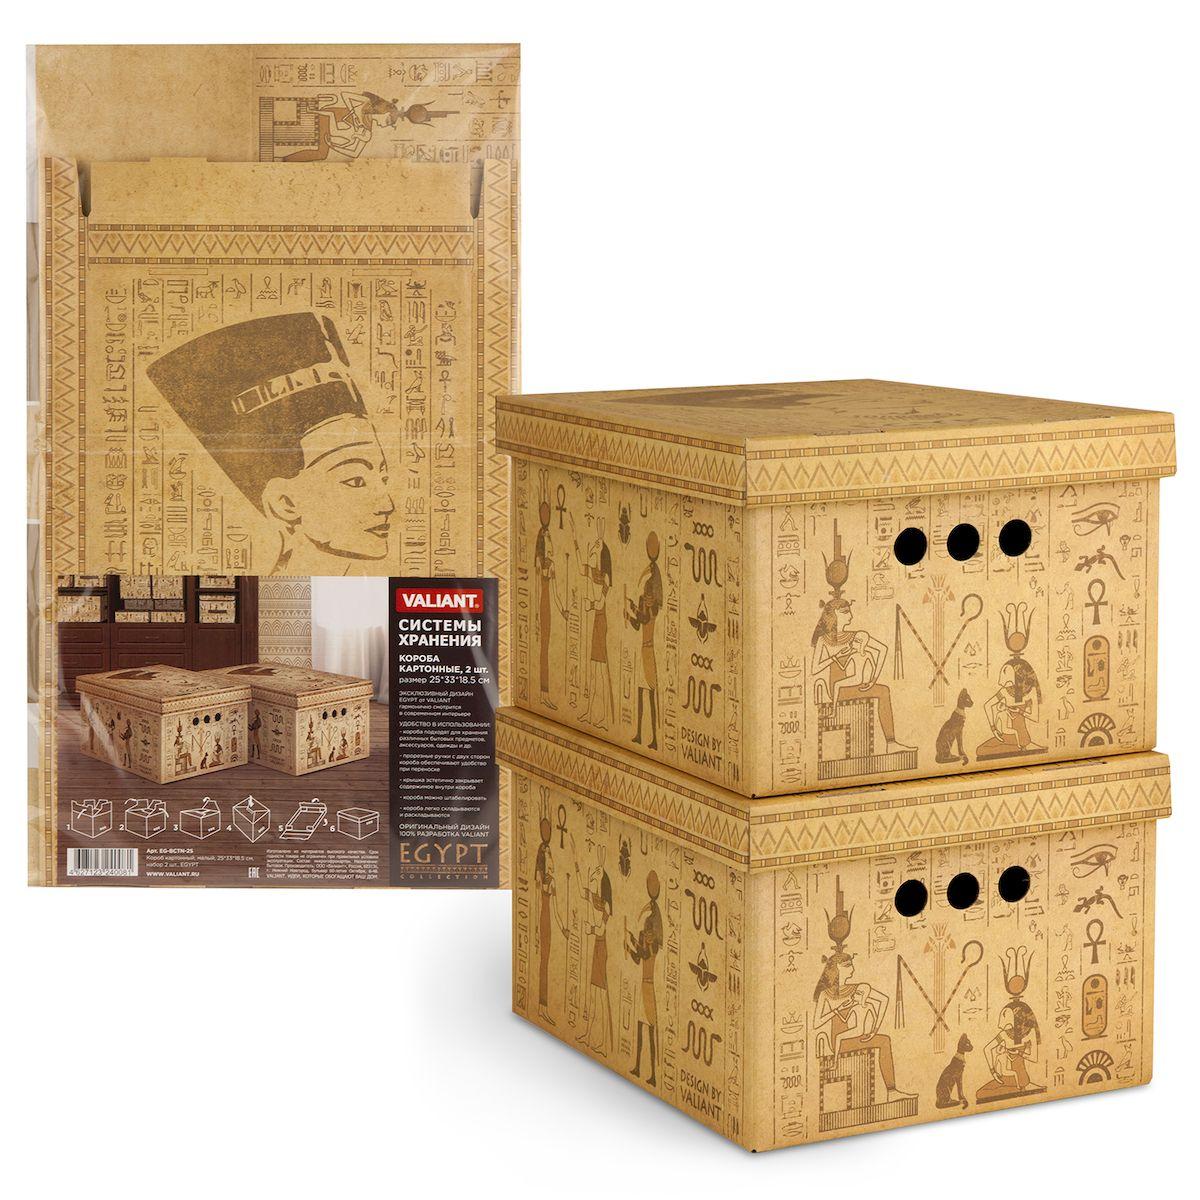 Короб для хранения Valiant Egypt, 25х33х18,5 см, складной, 2 шт